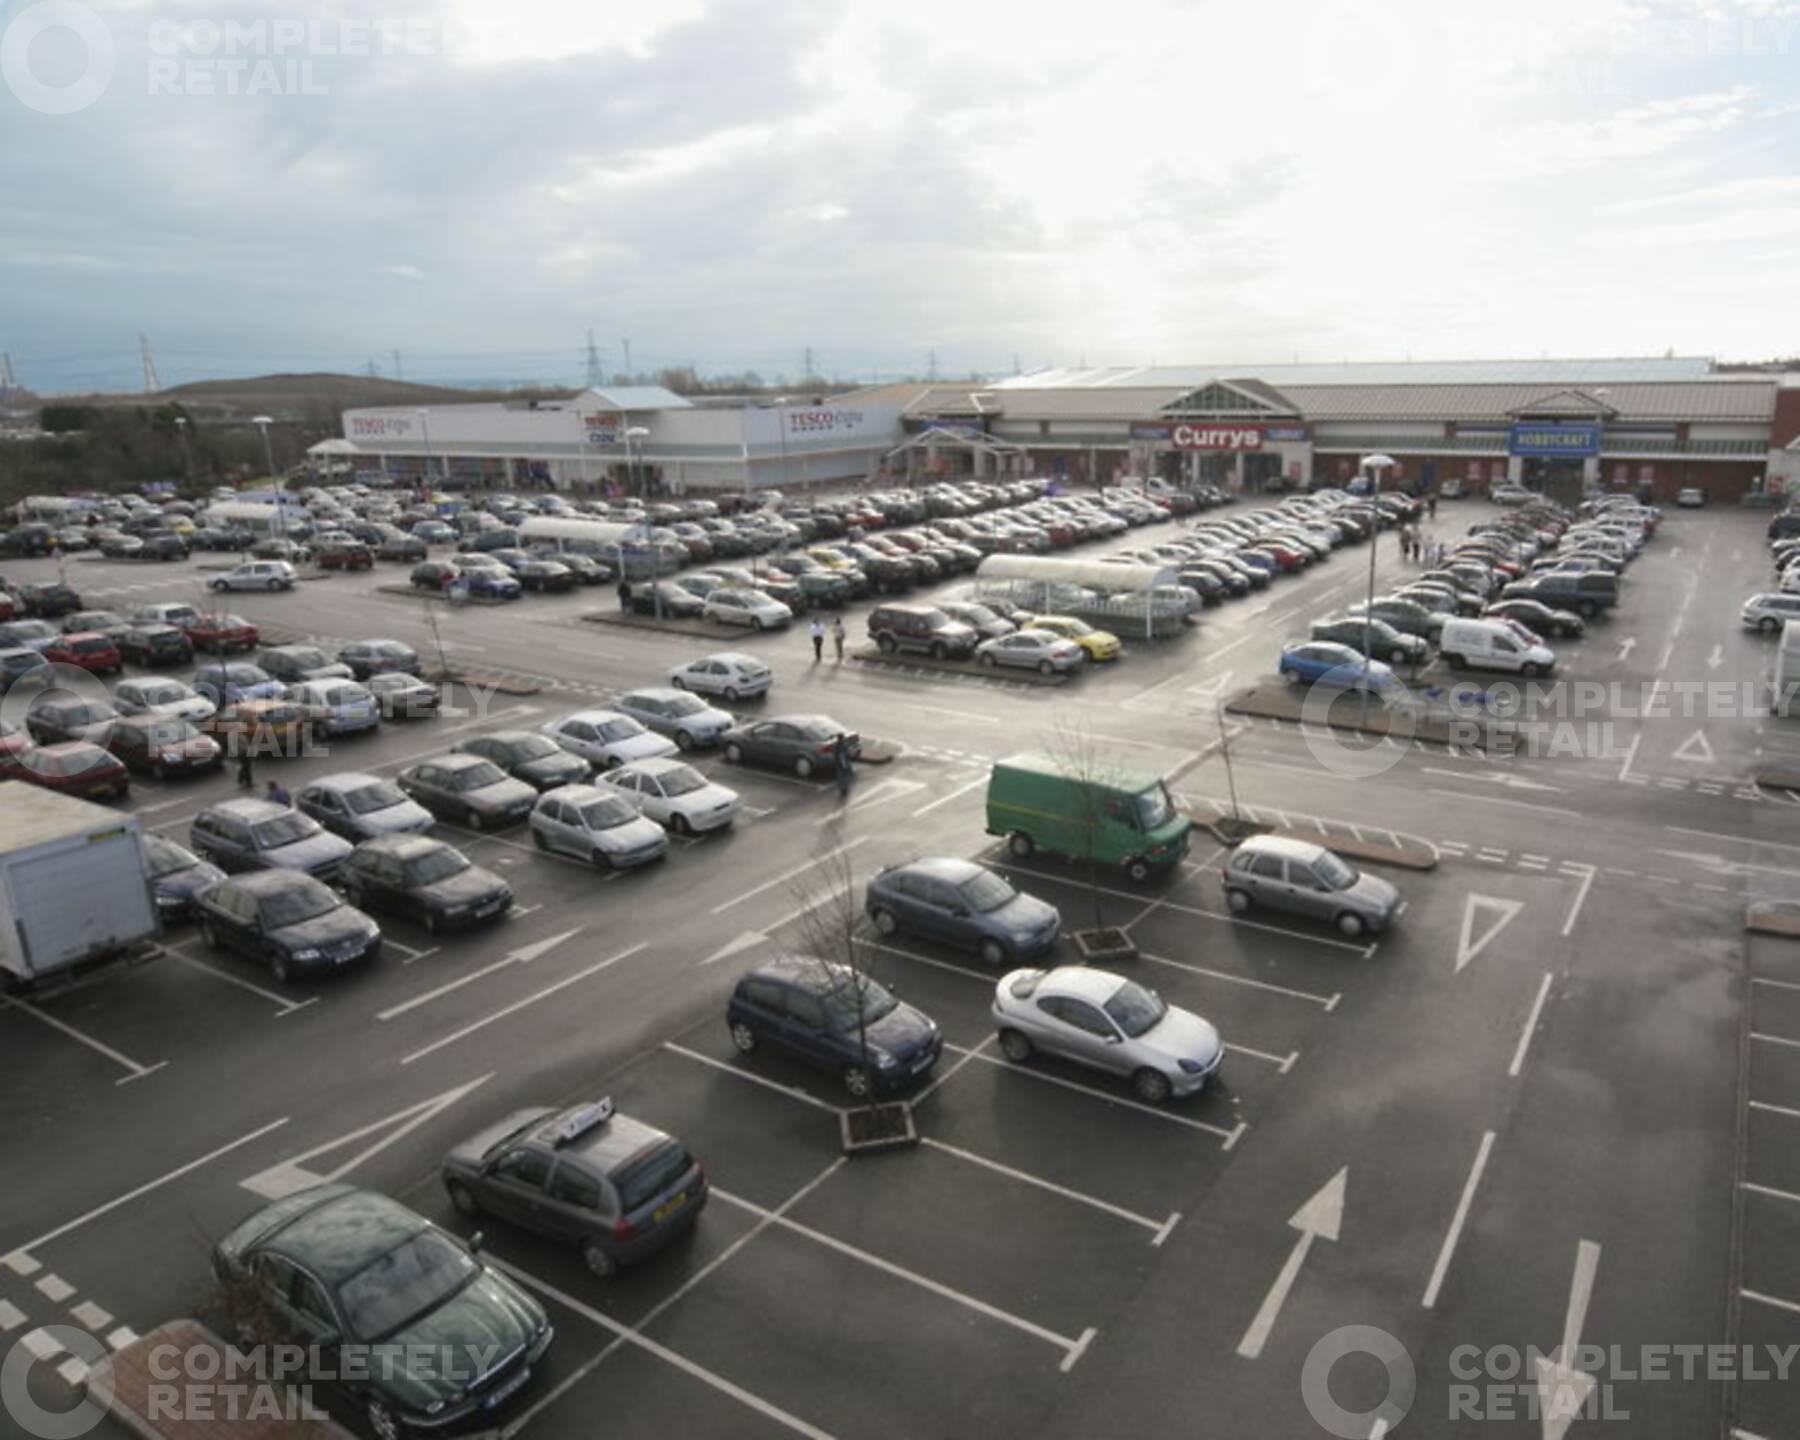 Harlech Retail Park